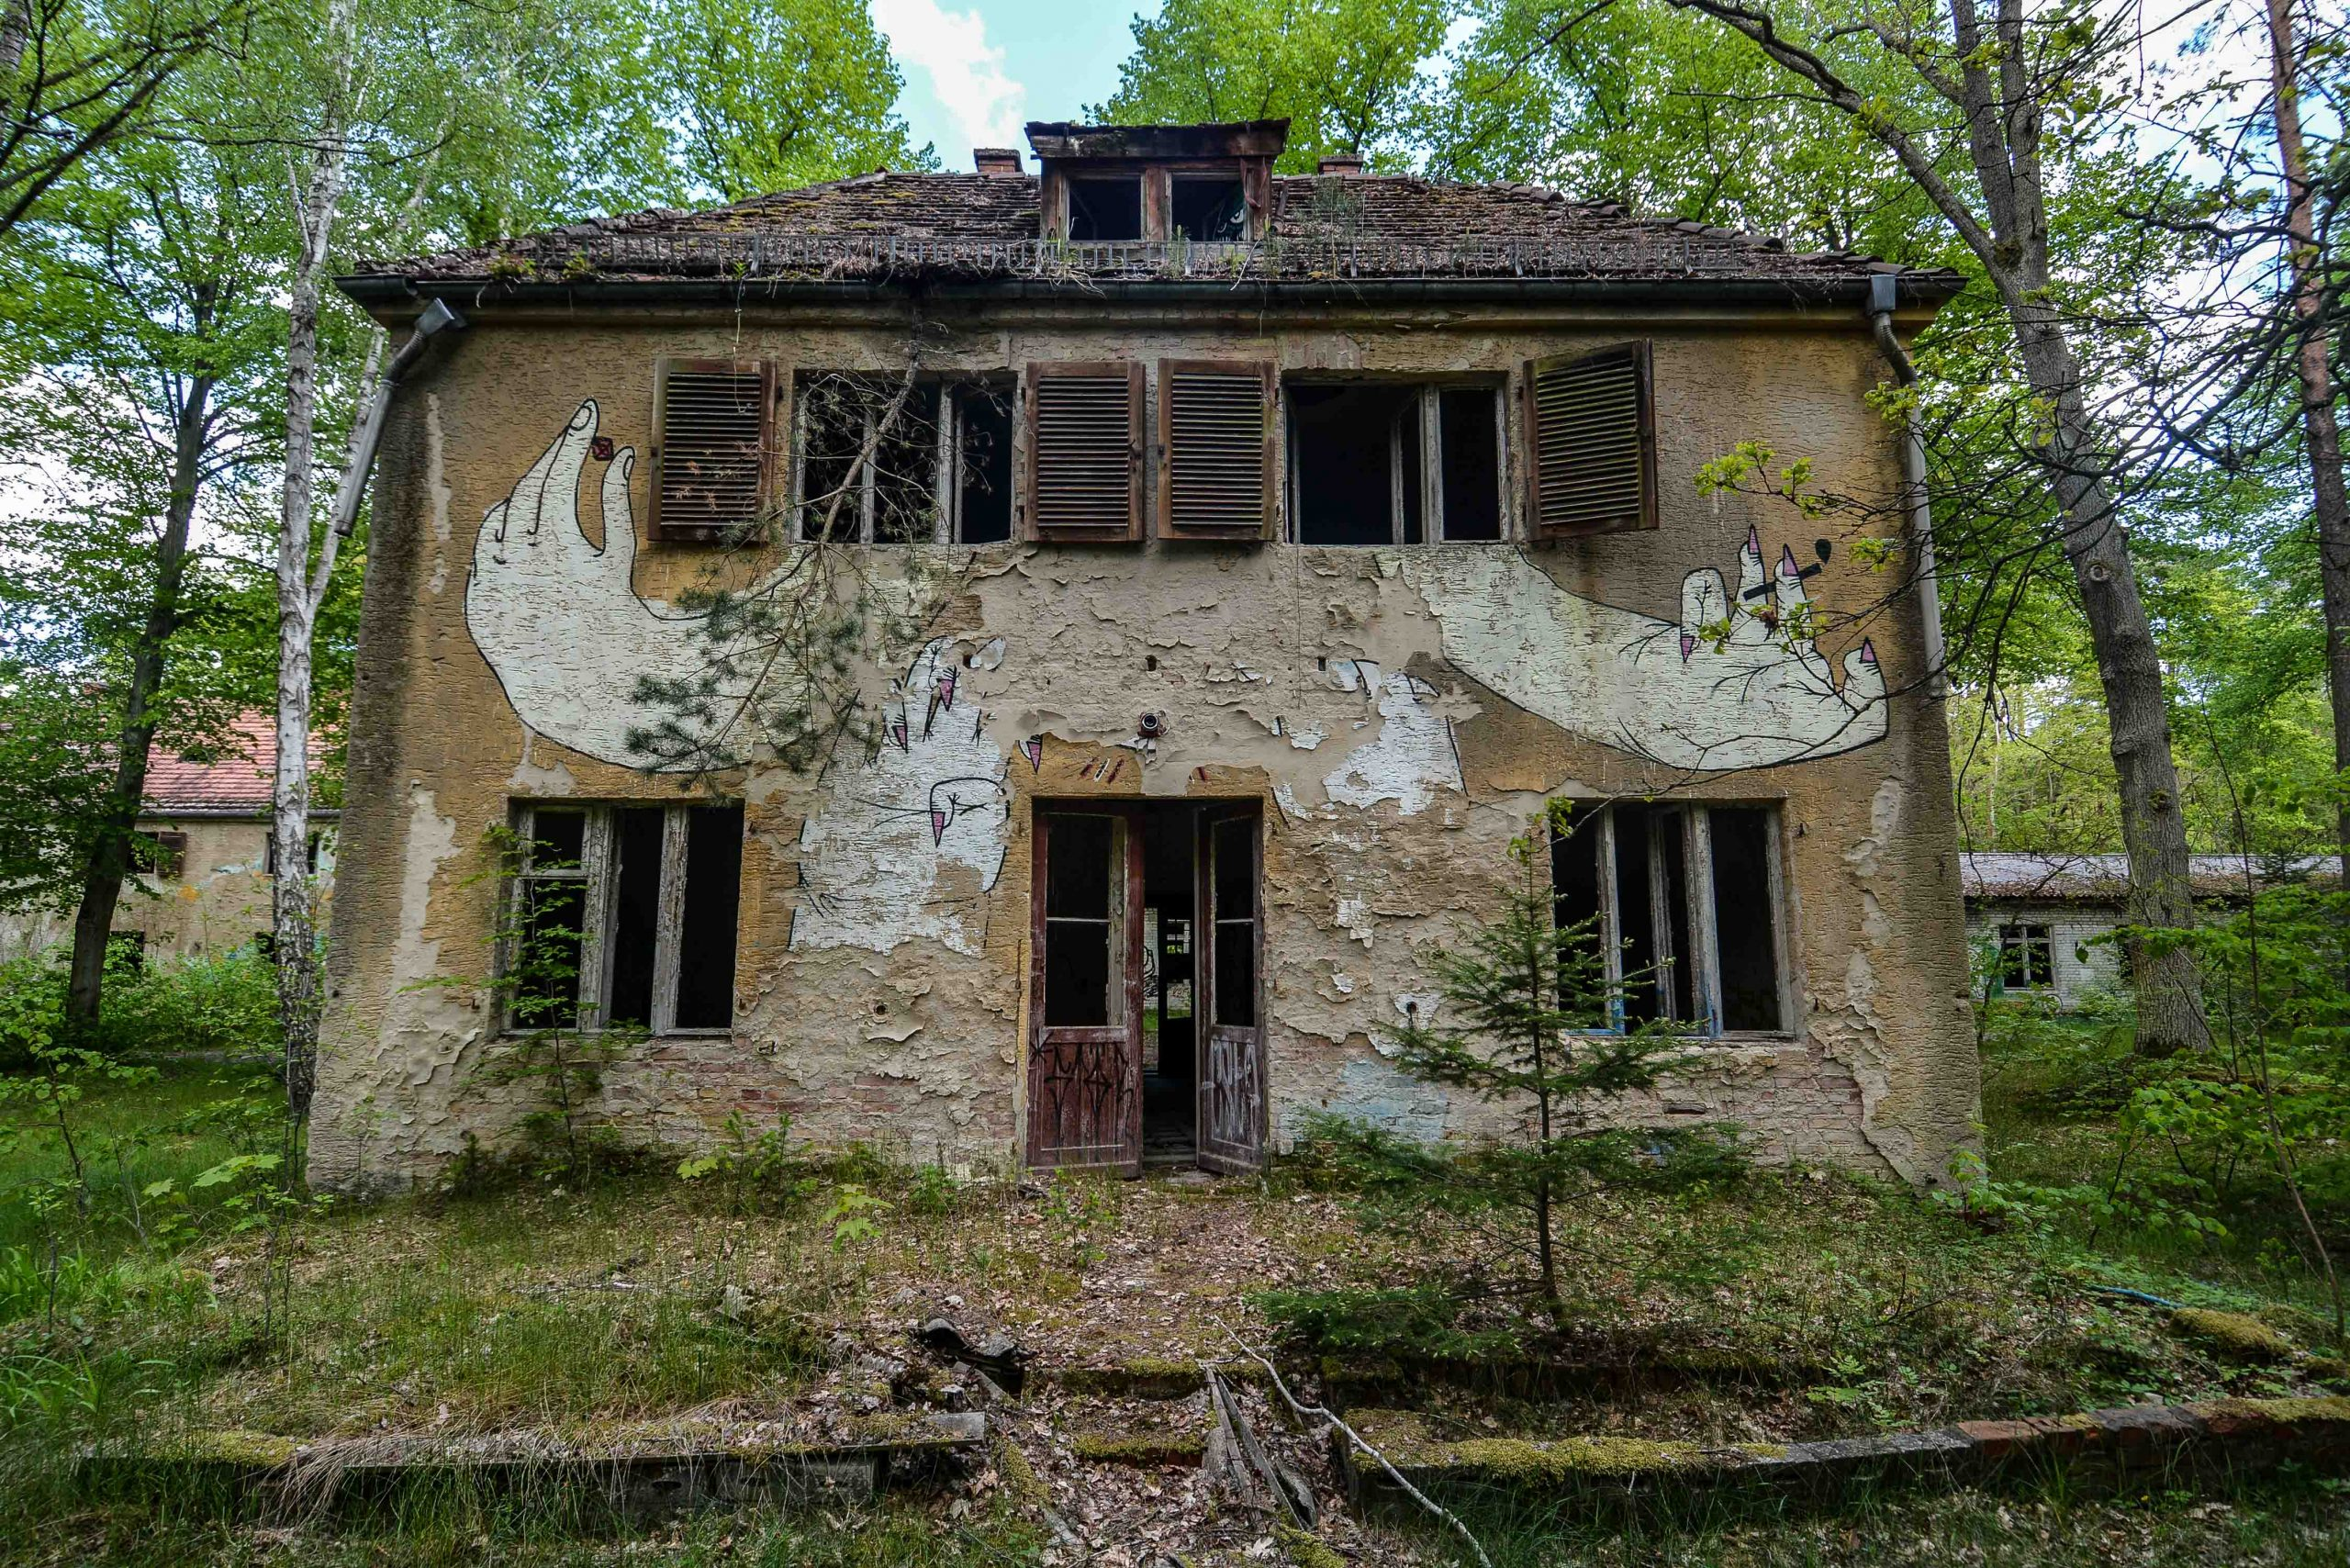 street art graffiti hands tuberkulose heilstaette grabowsee sanatorium oranienburg lost places abandoned urbex brandenburg germany deutschland